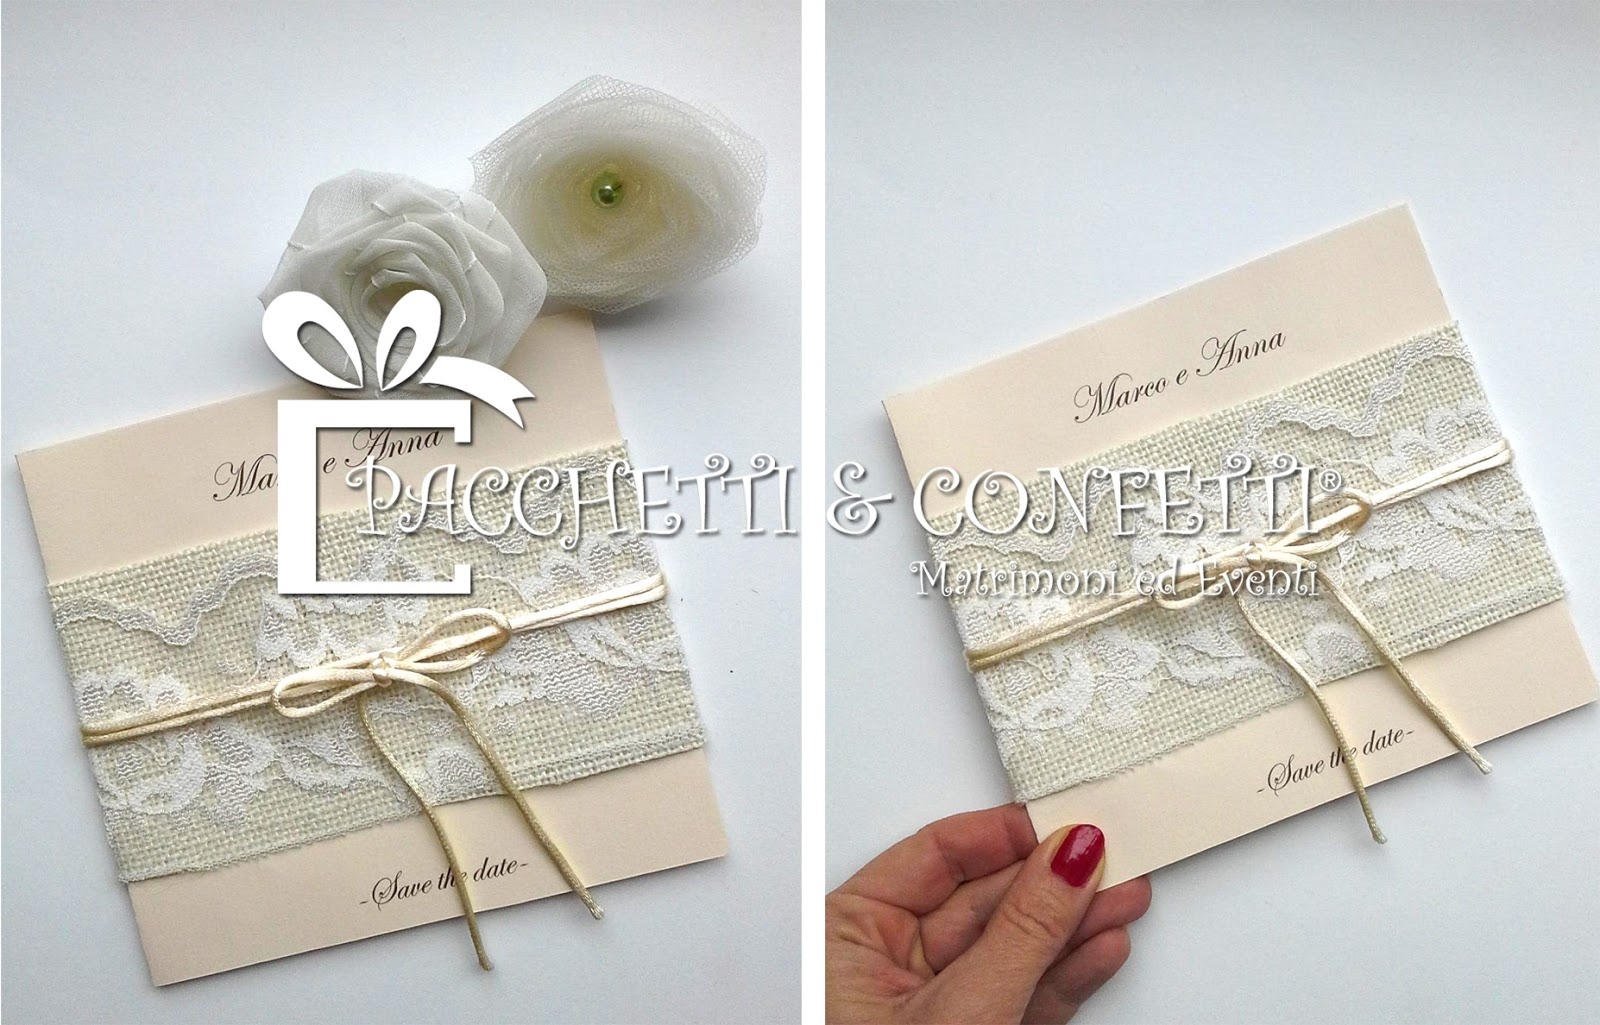 Pacchetti e confetti wedding shop - Piastrelle 15x15 bianco lucido ...